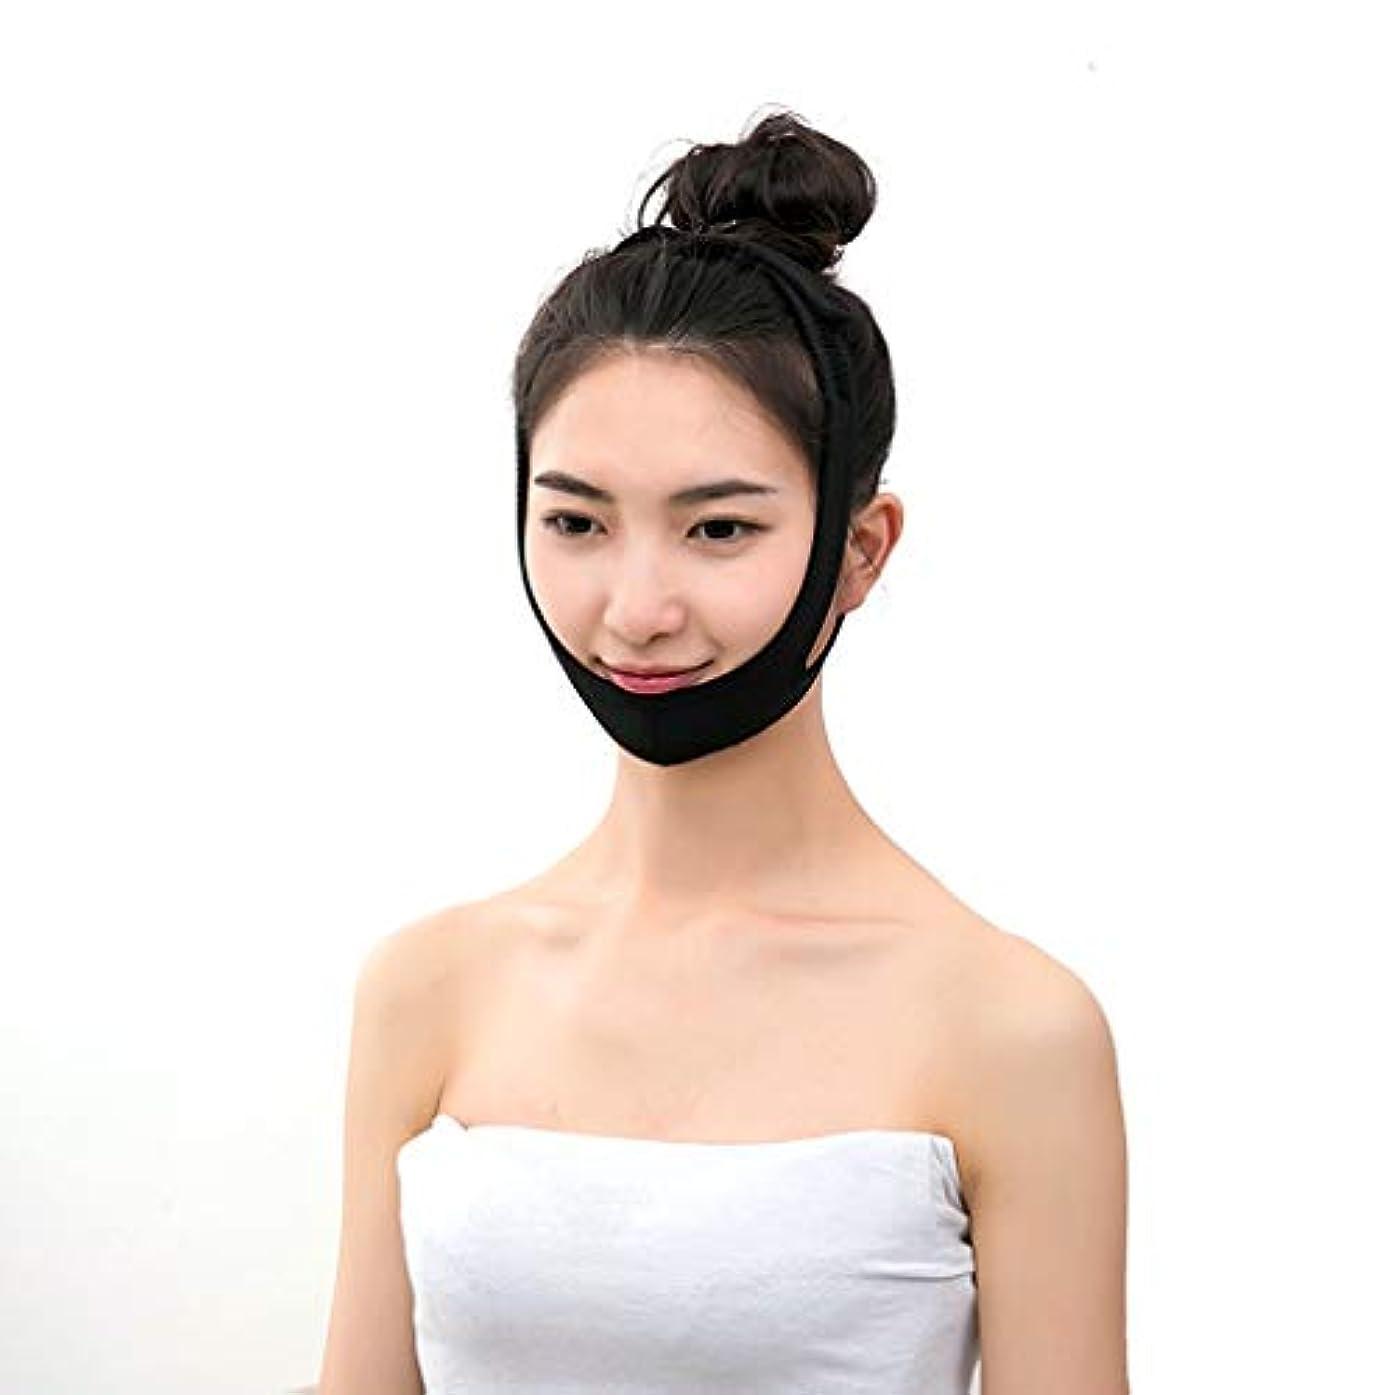 精神的にシフト土曜日Jia He 軽量 アンチリンクル超薄型包帯Vフェイスアーティファクトを持ち上げ薄い顔ベルト、顔Llifting包帯シンチン通気性睡眠 ## (Color : Black)